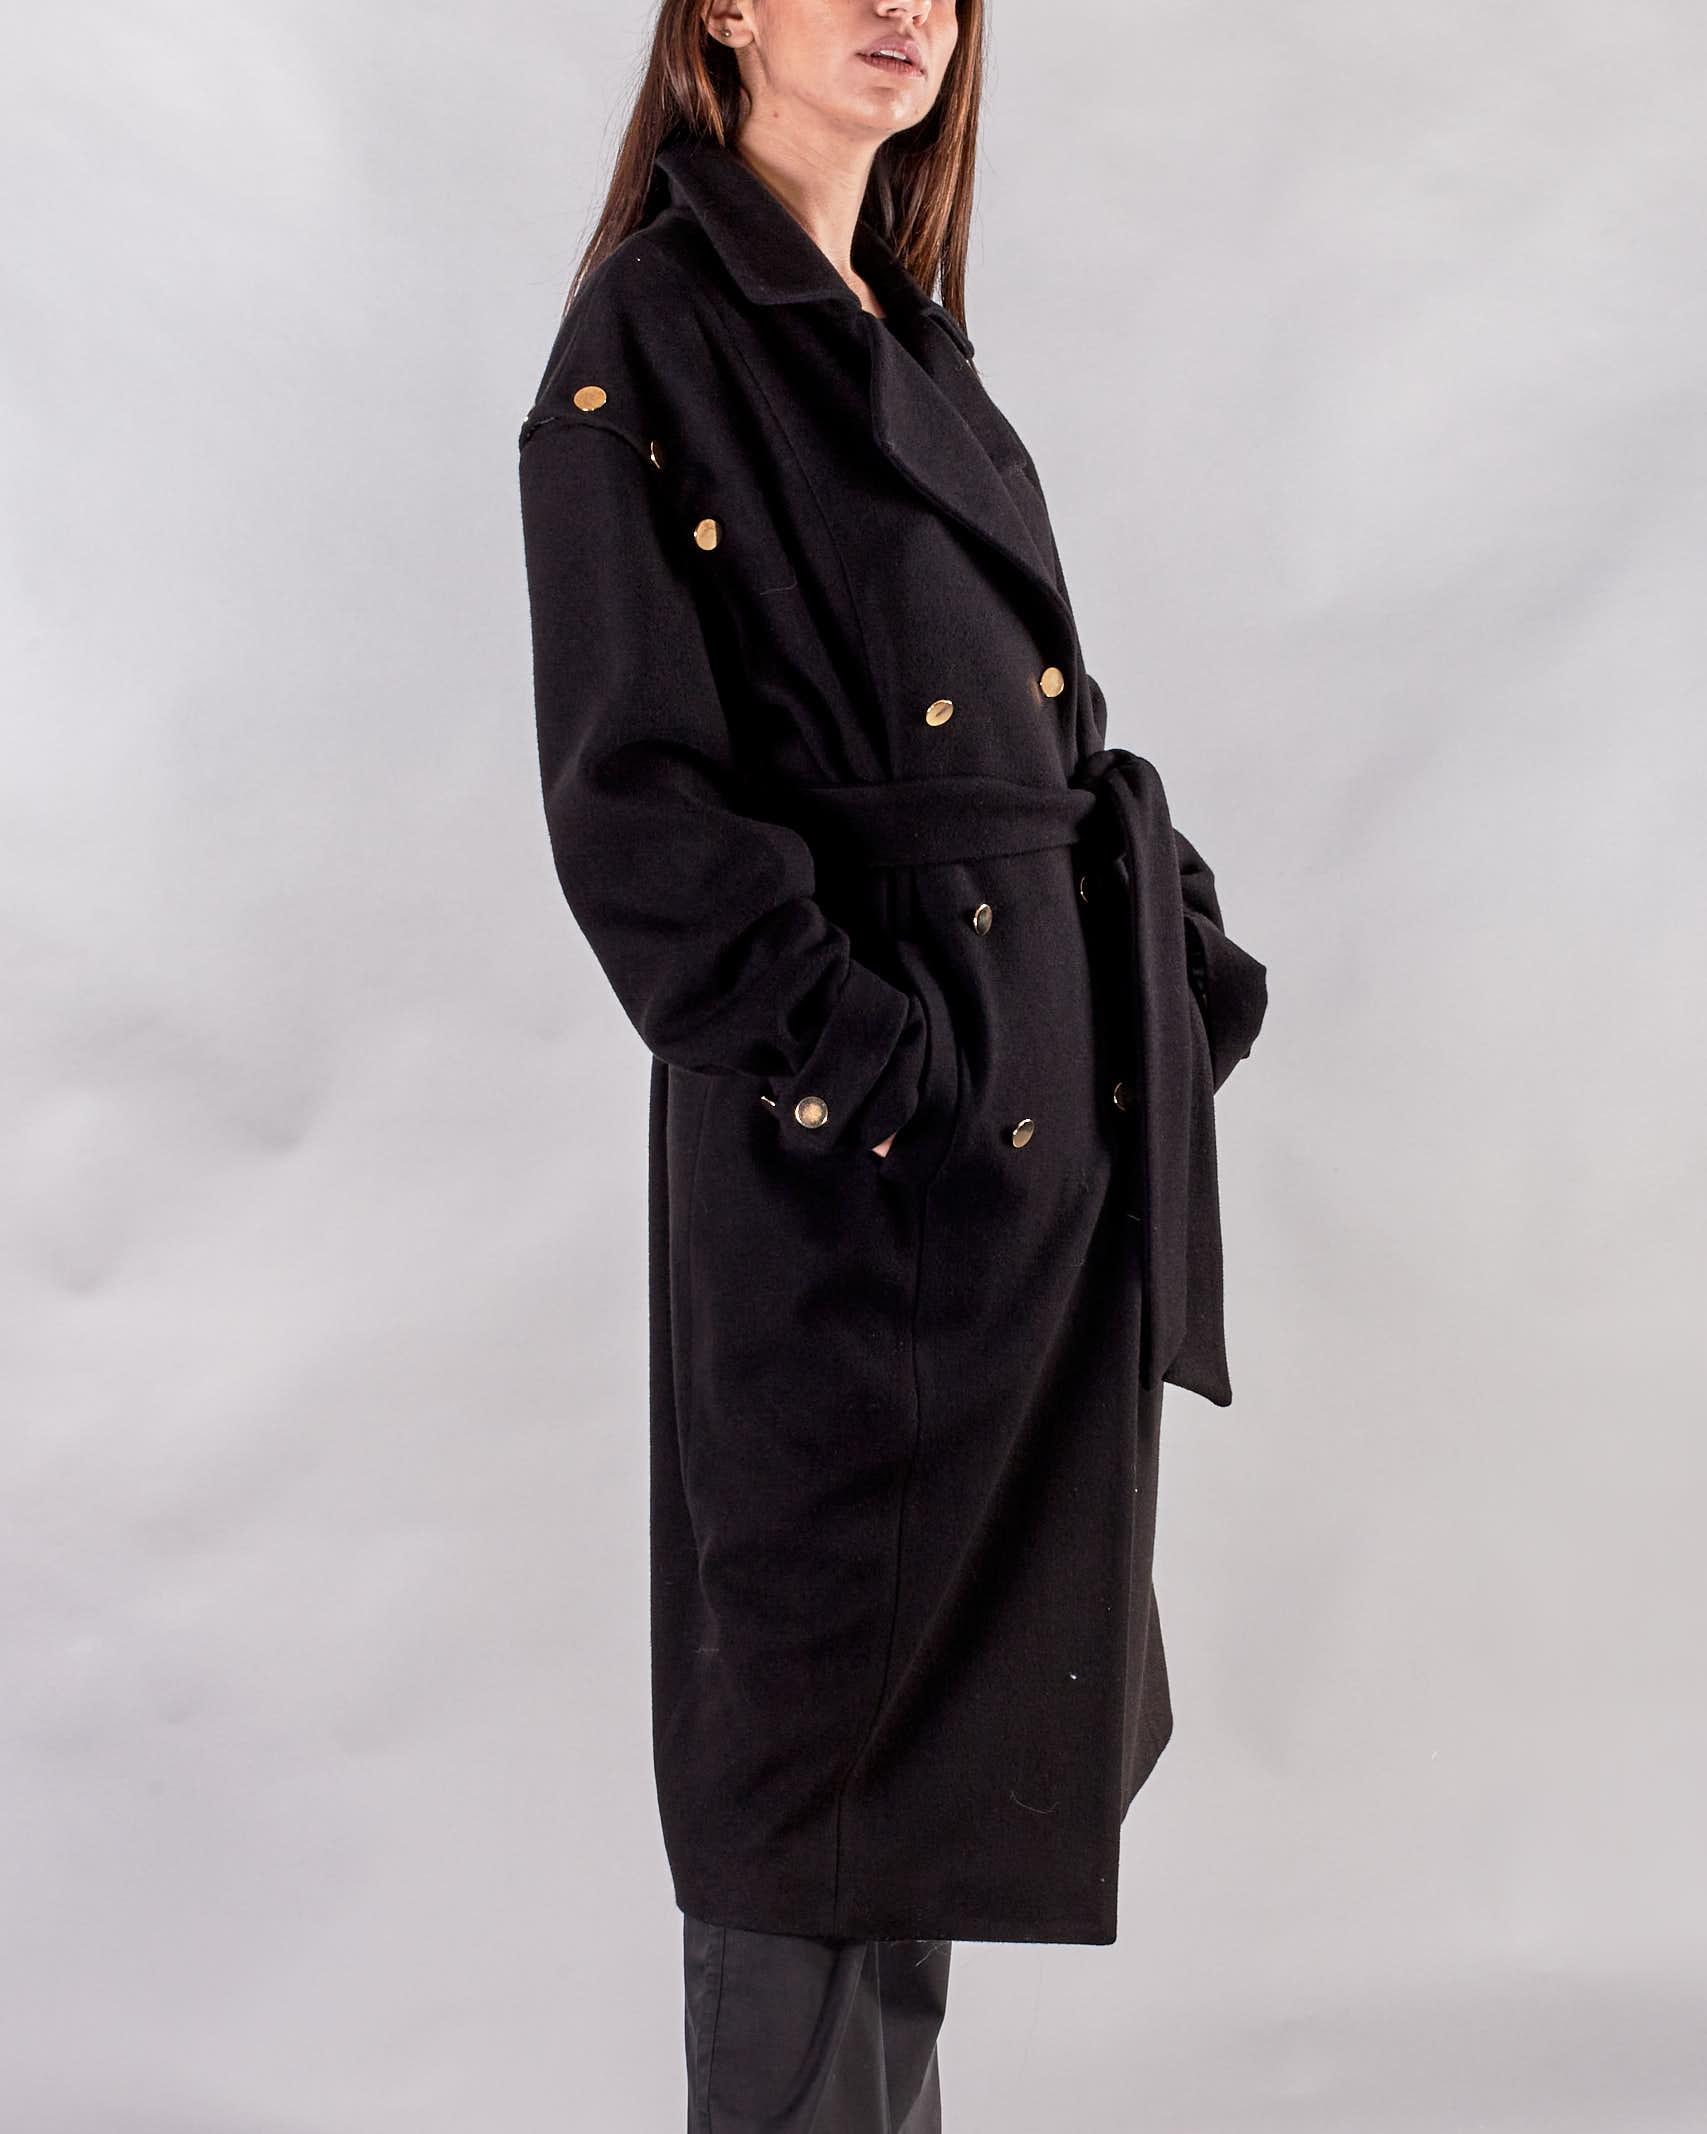 Cappotto bottoni oro light Simona Corsellini SIMONA CORSELLINI | Cappotto | CP00301TPAN00123